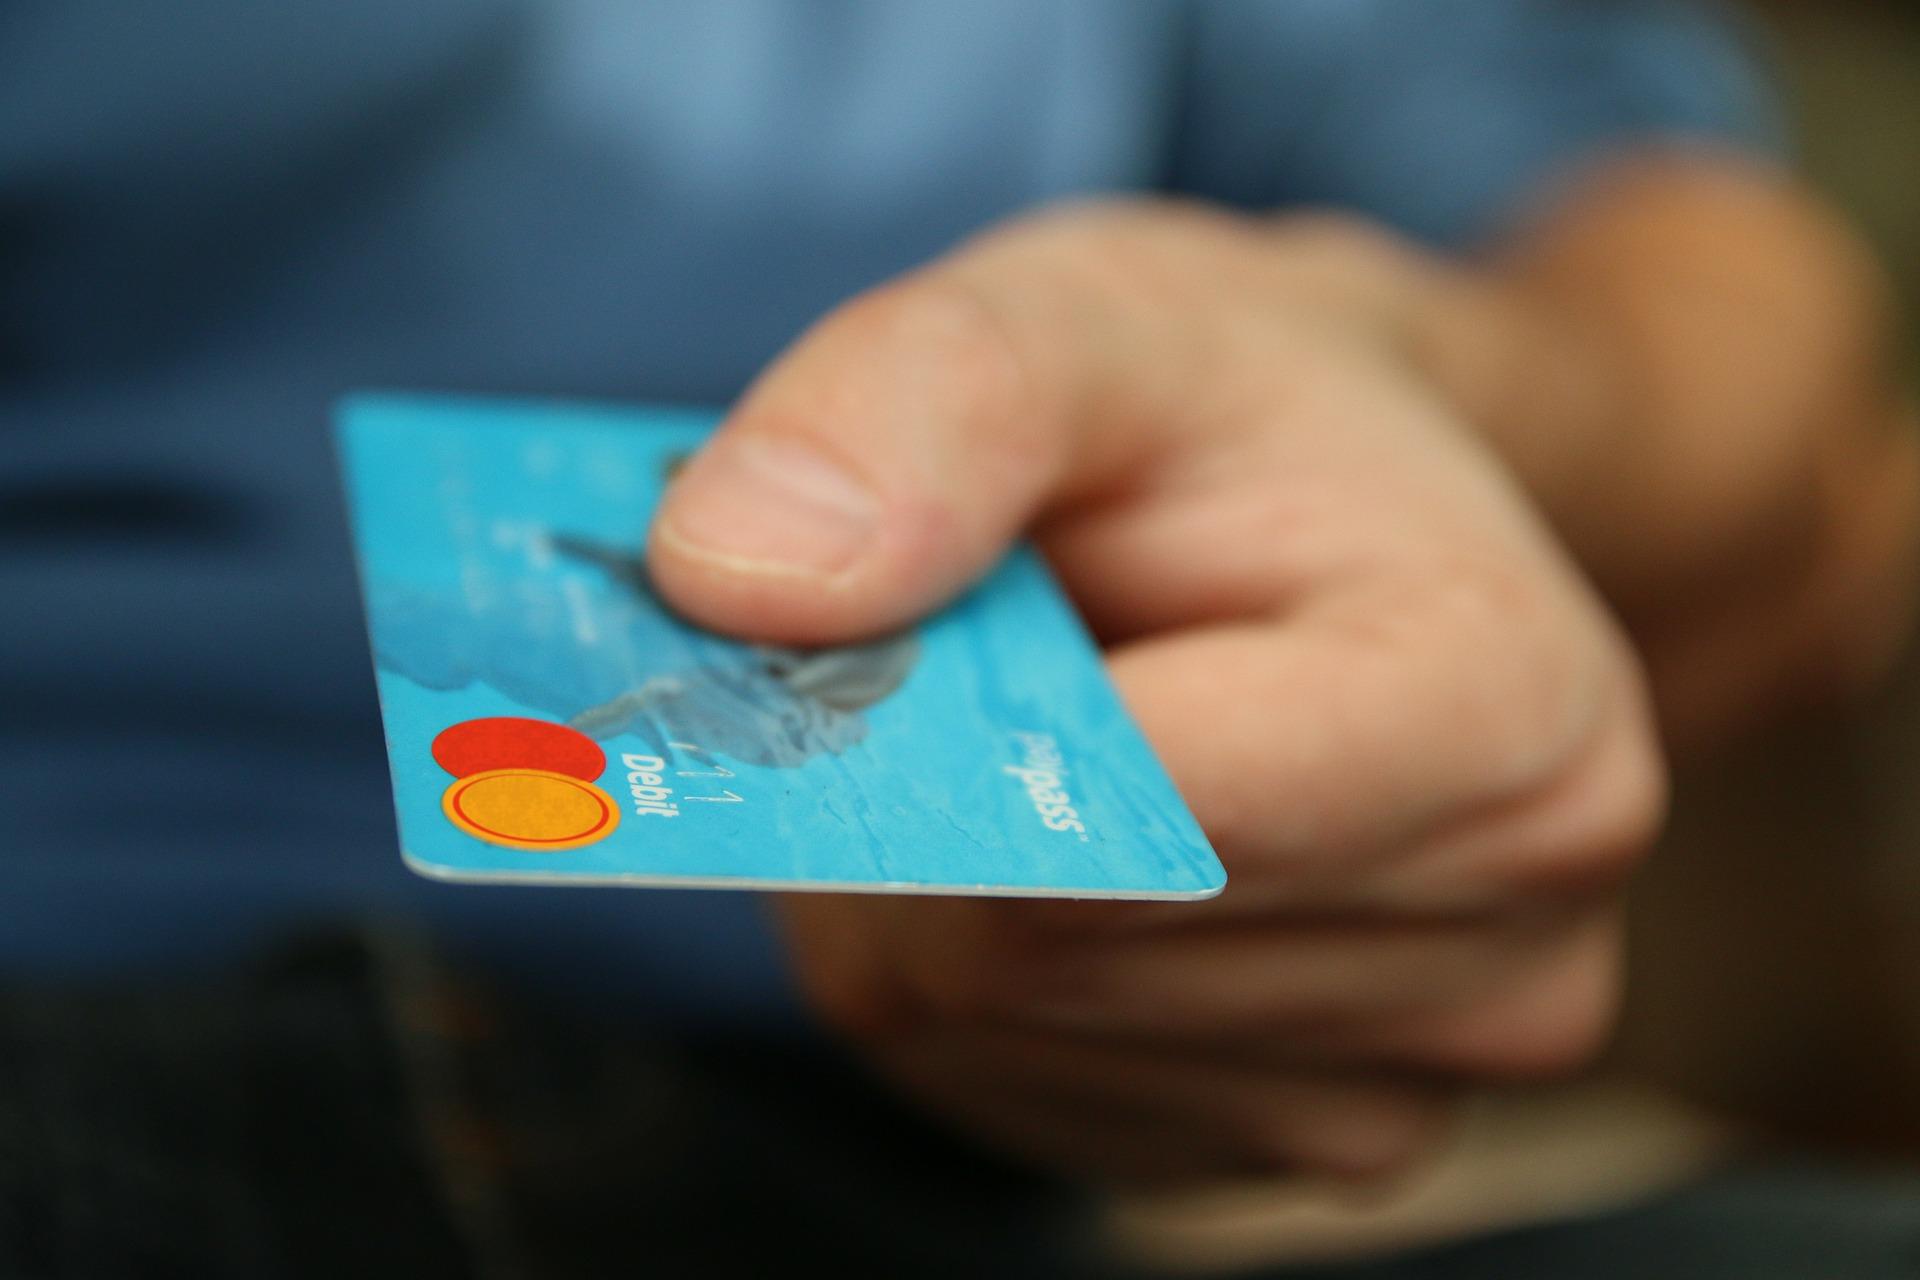 Stati Generali, il Governo abbassa l'IVA?